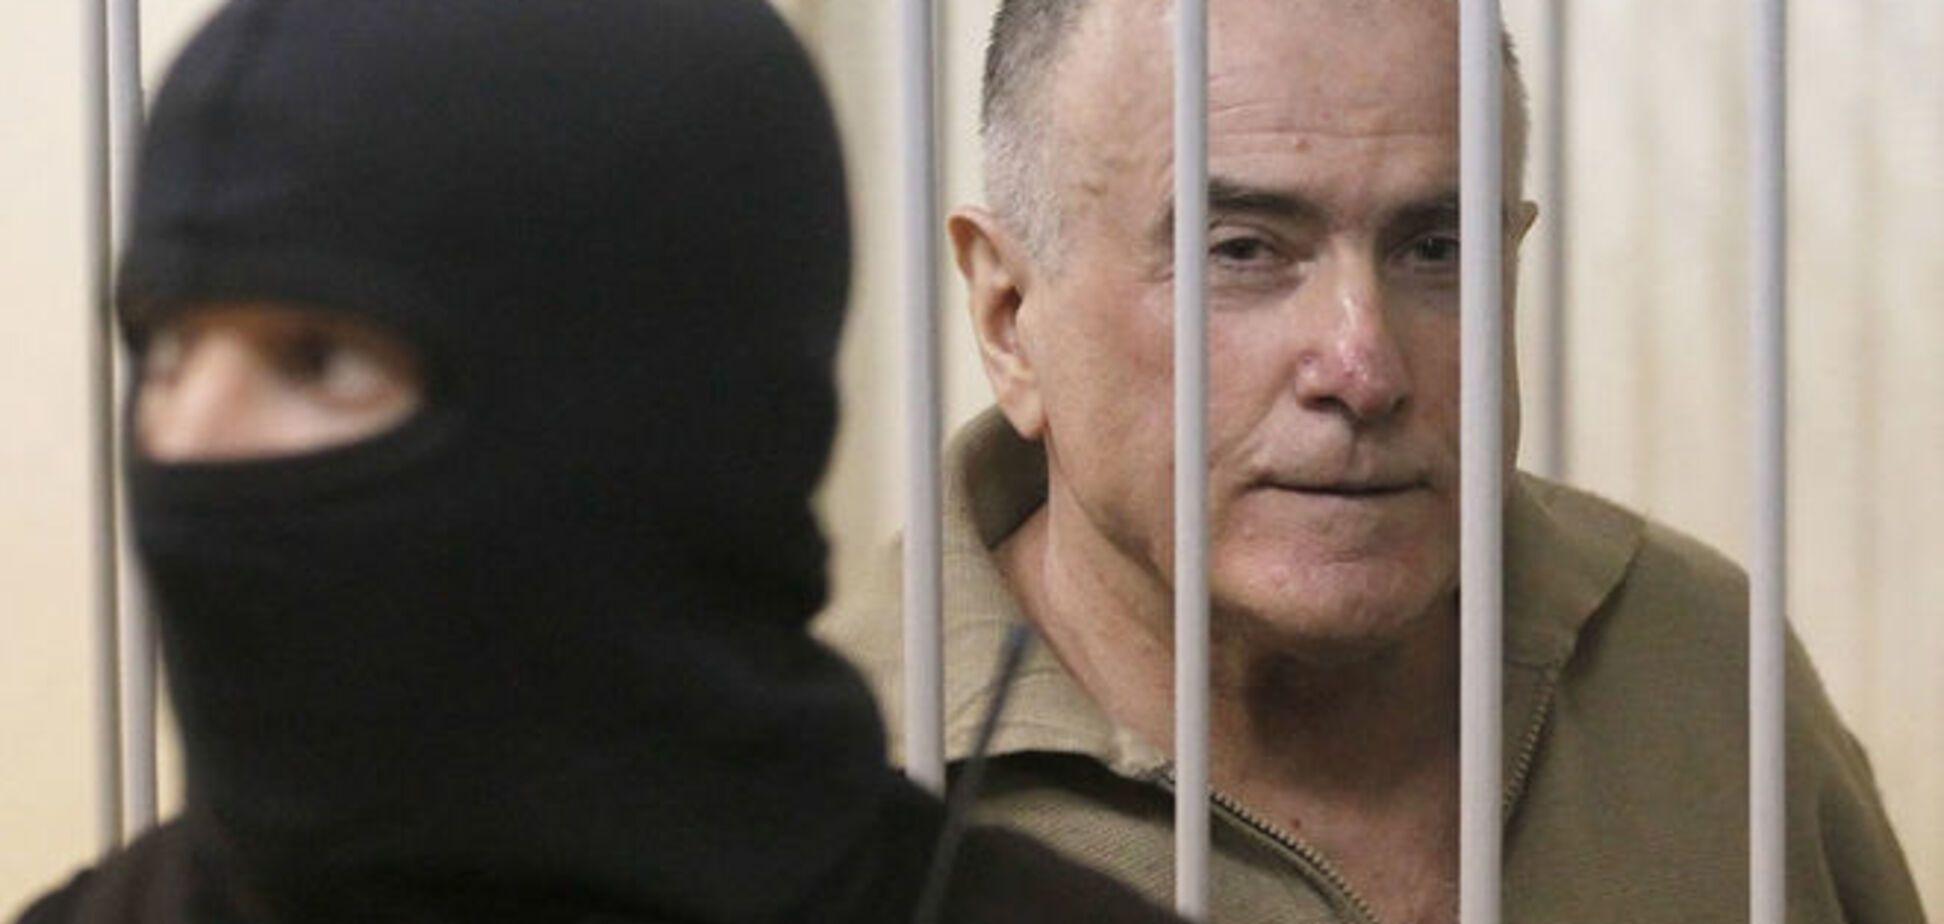 'Я оговорил себя': Пукач 'дал заднюю' в деле об убийстве Гонгадзе